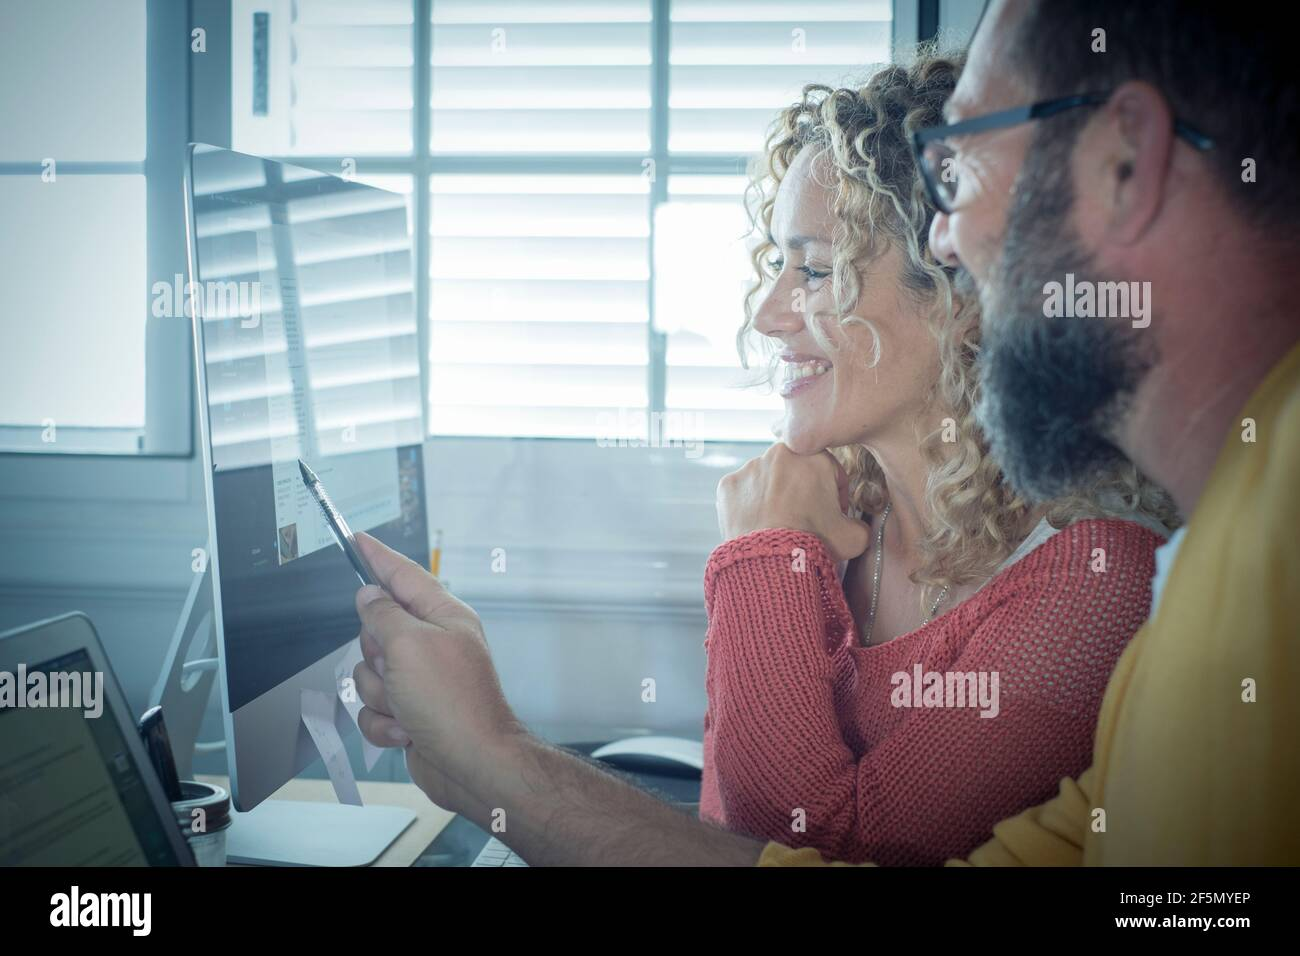 Personnes au travail à la maison avec connexion Internet et ordinateur ordinateur portable en couple - homme et femme travaillant ensemble - moderne homme et femme travail en ligne actif Banque D'Images